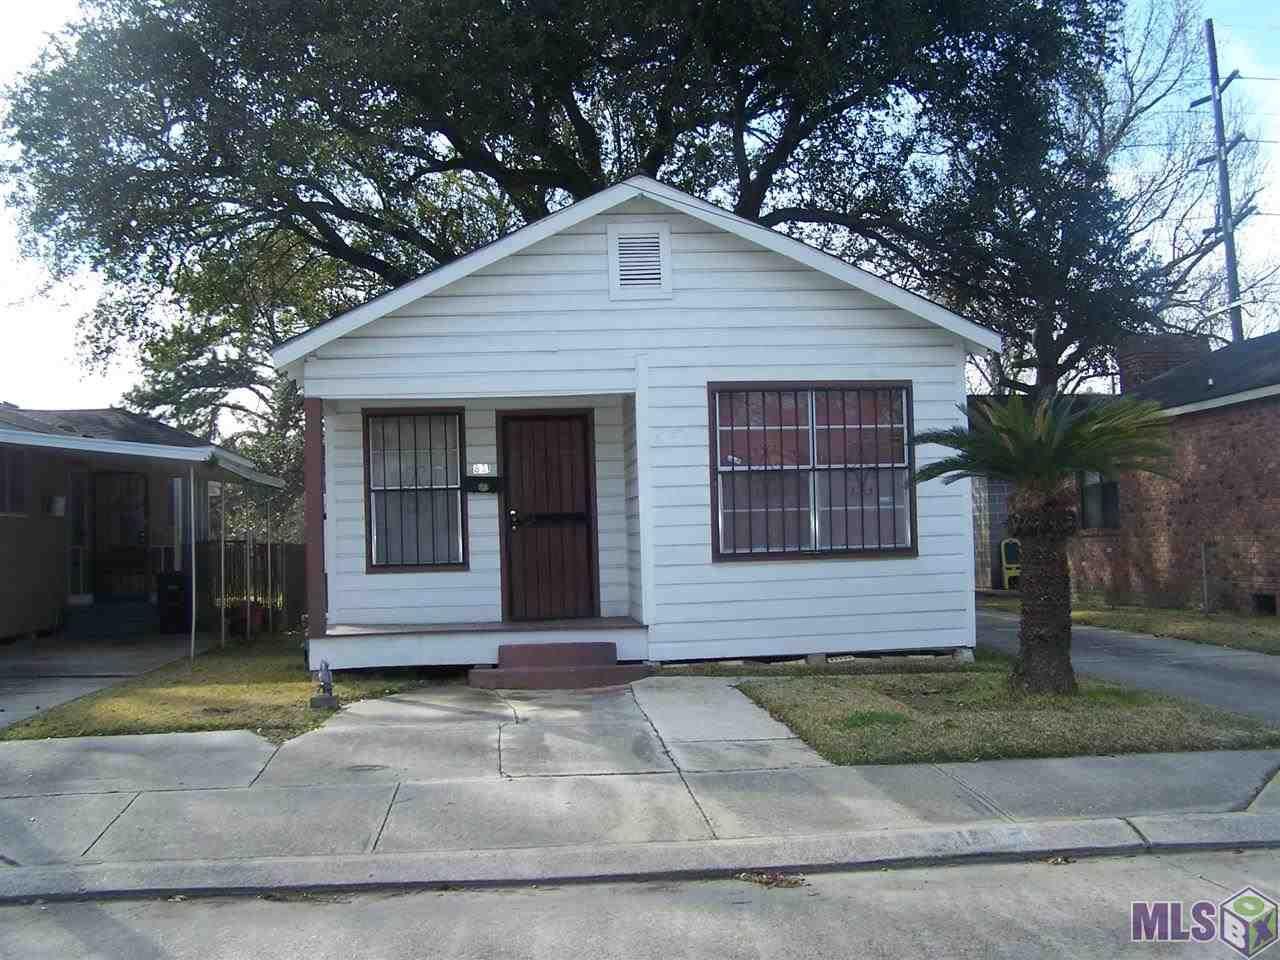 831 N 46th St, Baton Rouge LA 70802 Photos, Videos